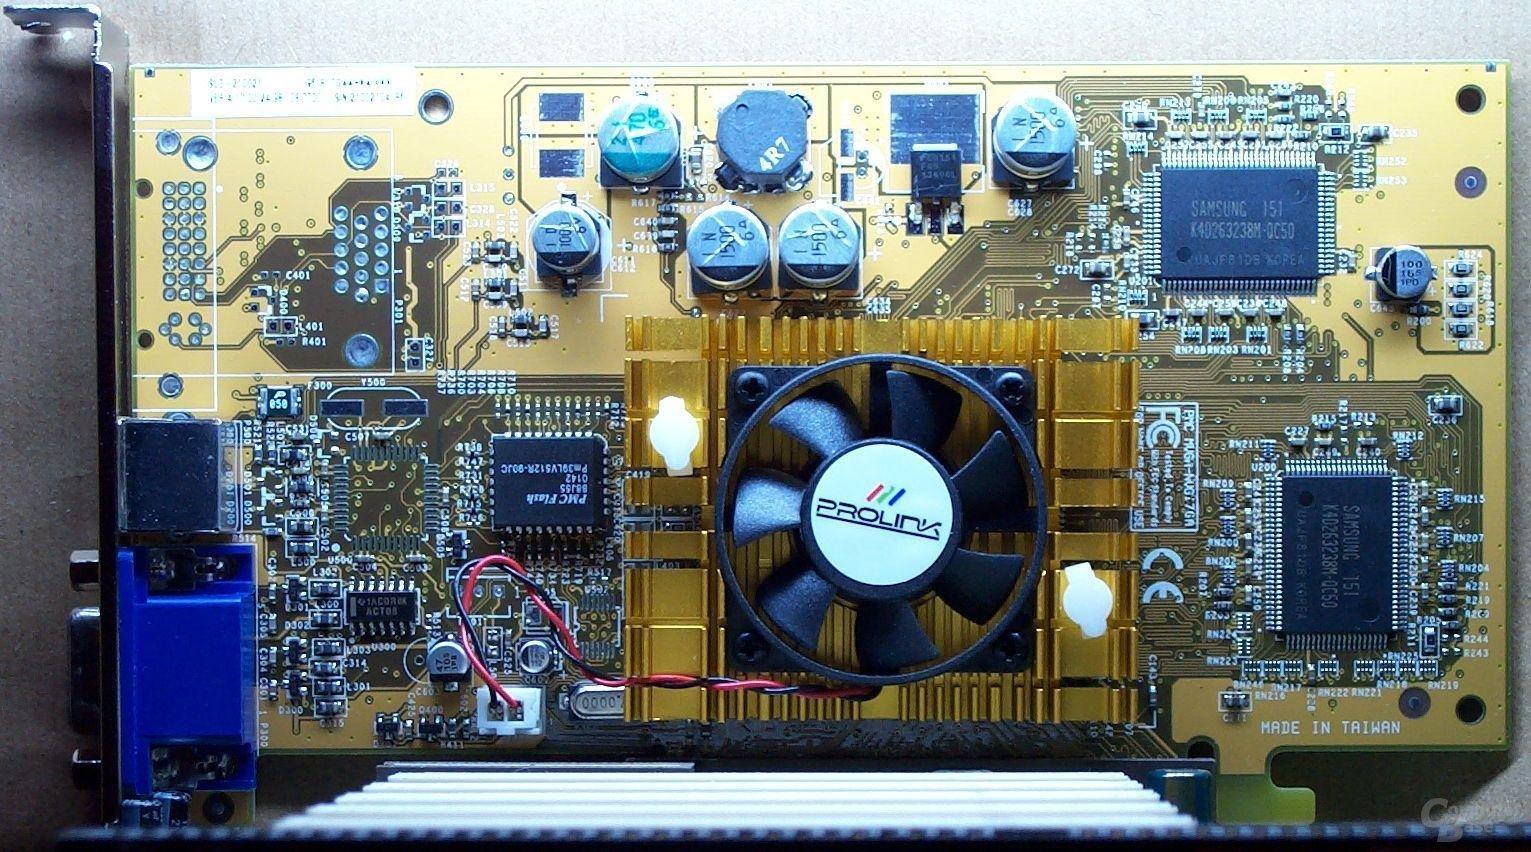 Prolink Pixelview GeForce4MX 440